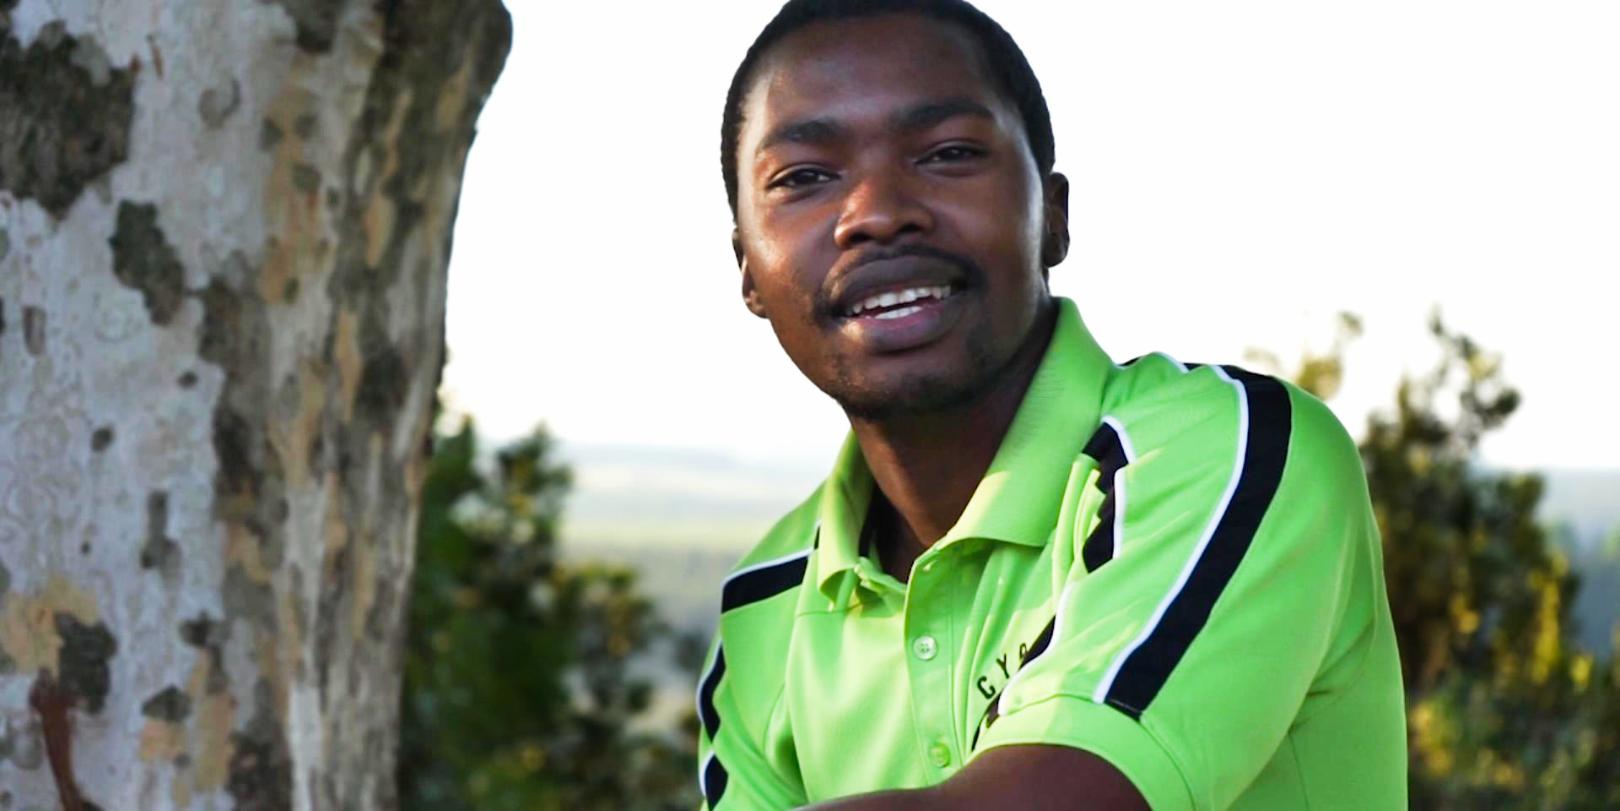 Halalisani Mchunu